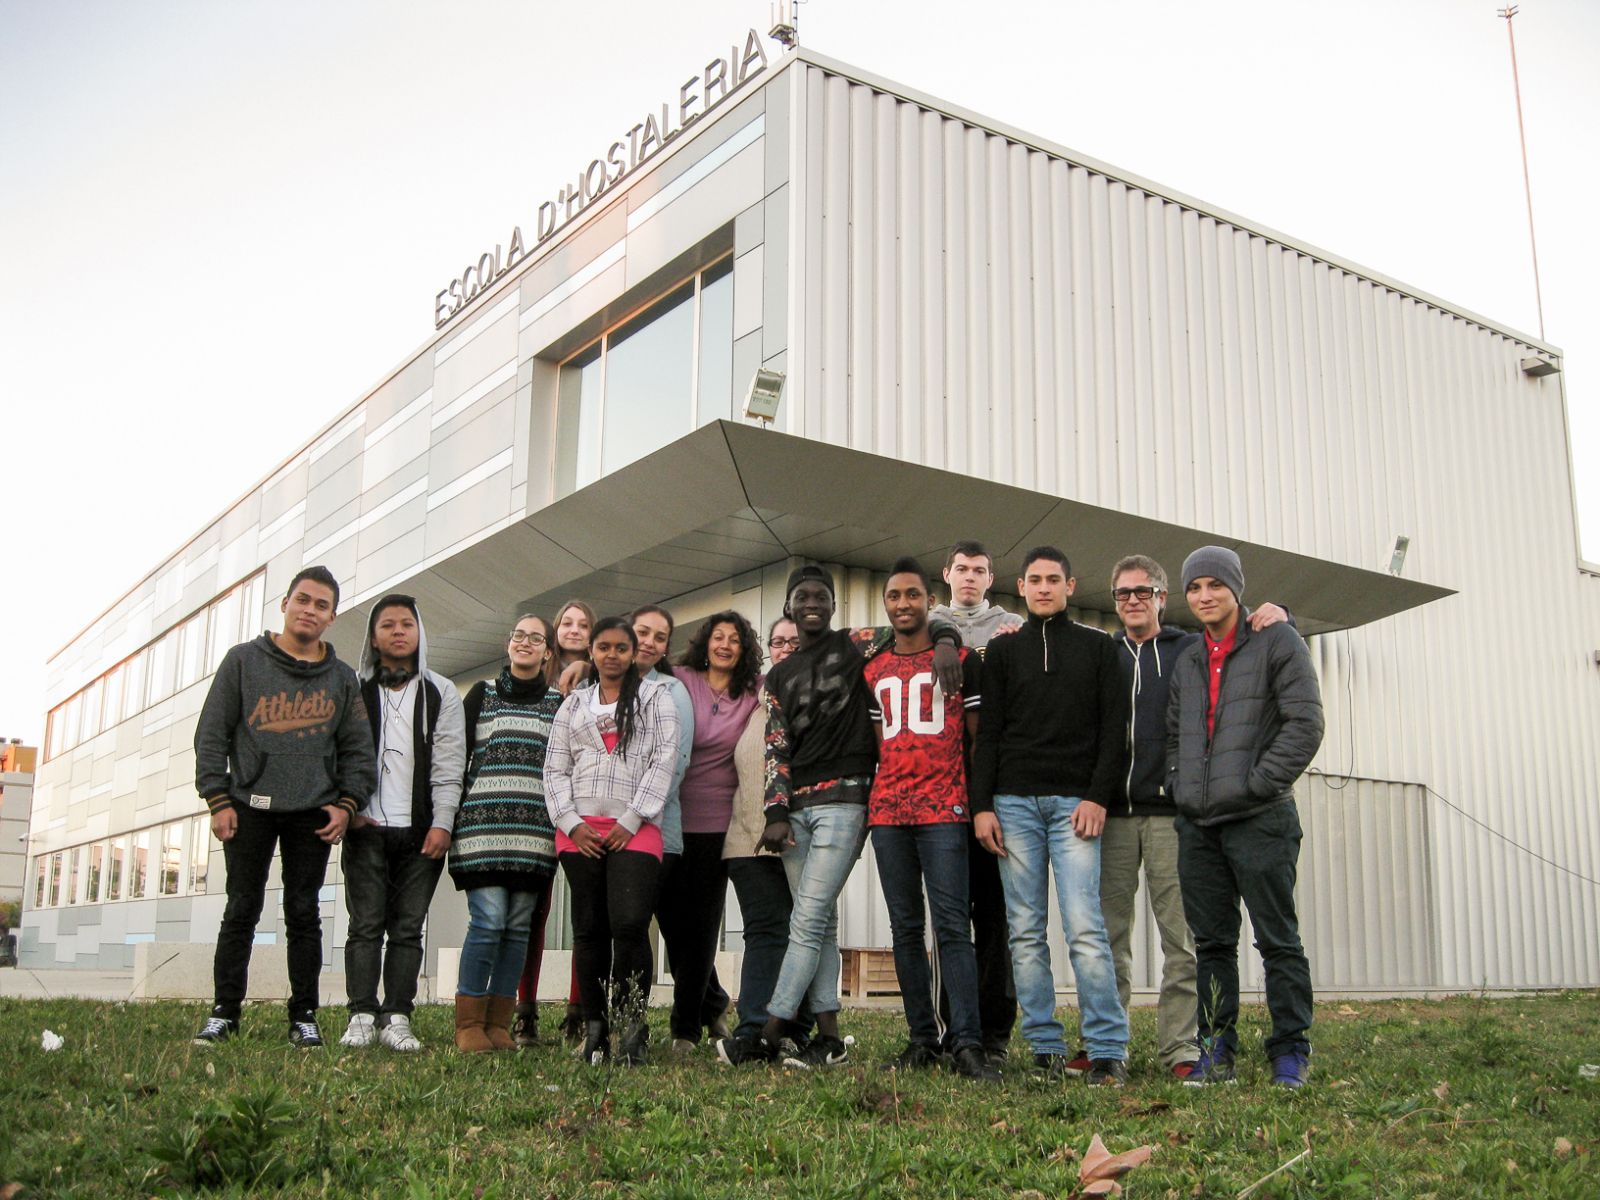 FE_4-Pastisseria-Figueres-20150516